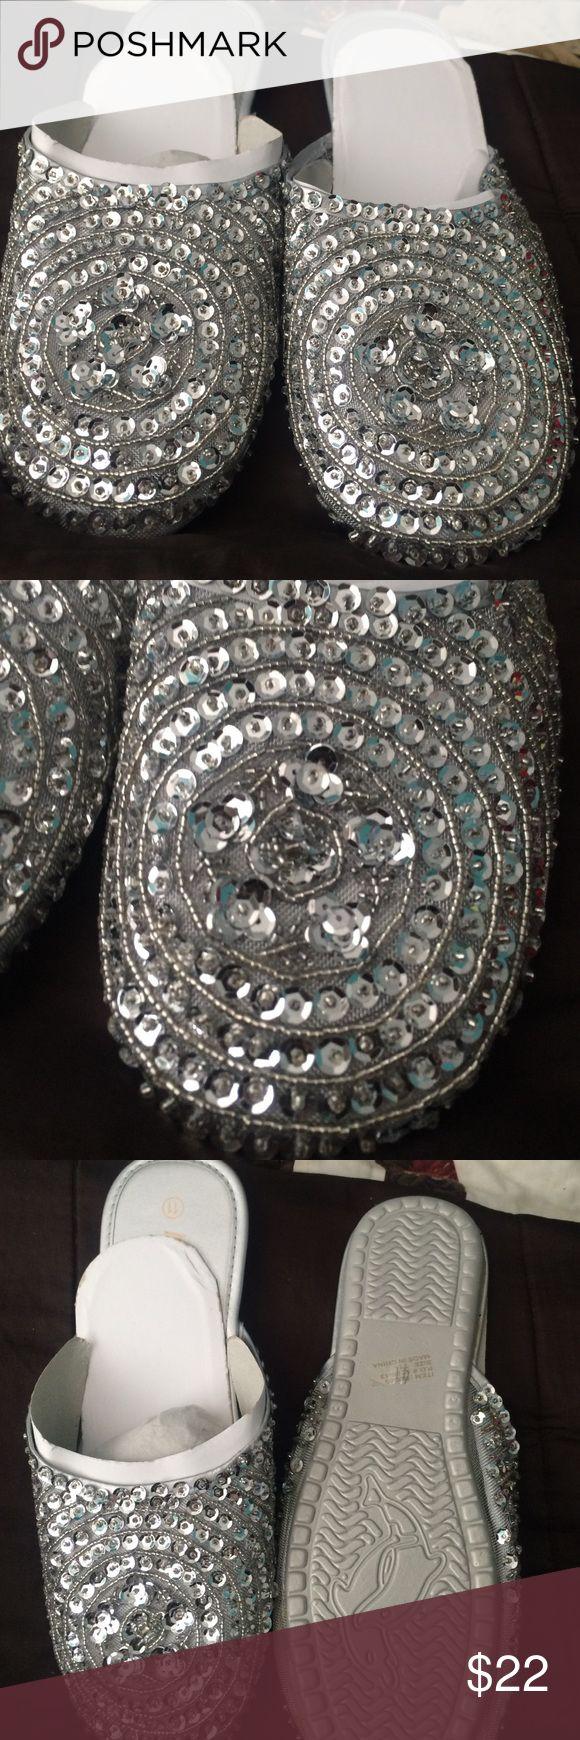 🎁 beautiful silver slippers size 11 NWOT Beautiful silver designed slippers size 11 Shoes Slippers